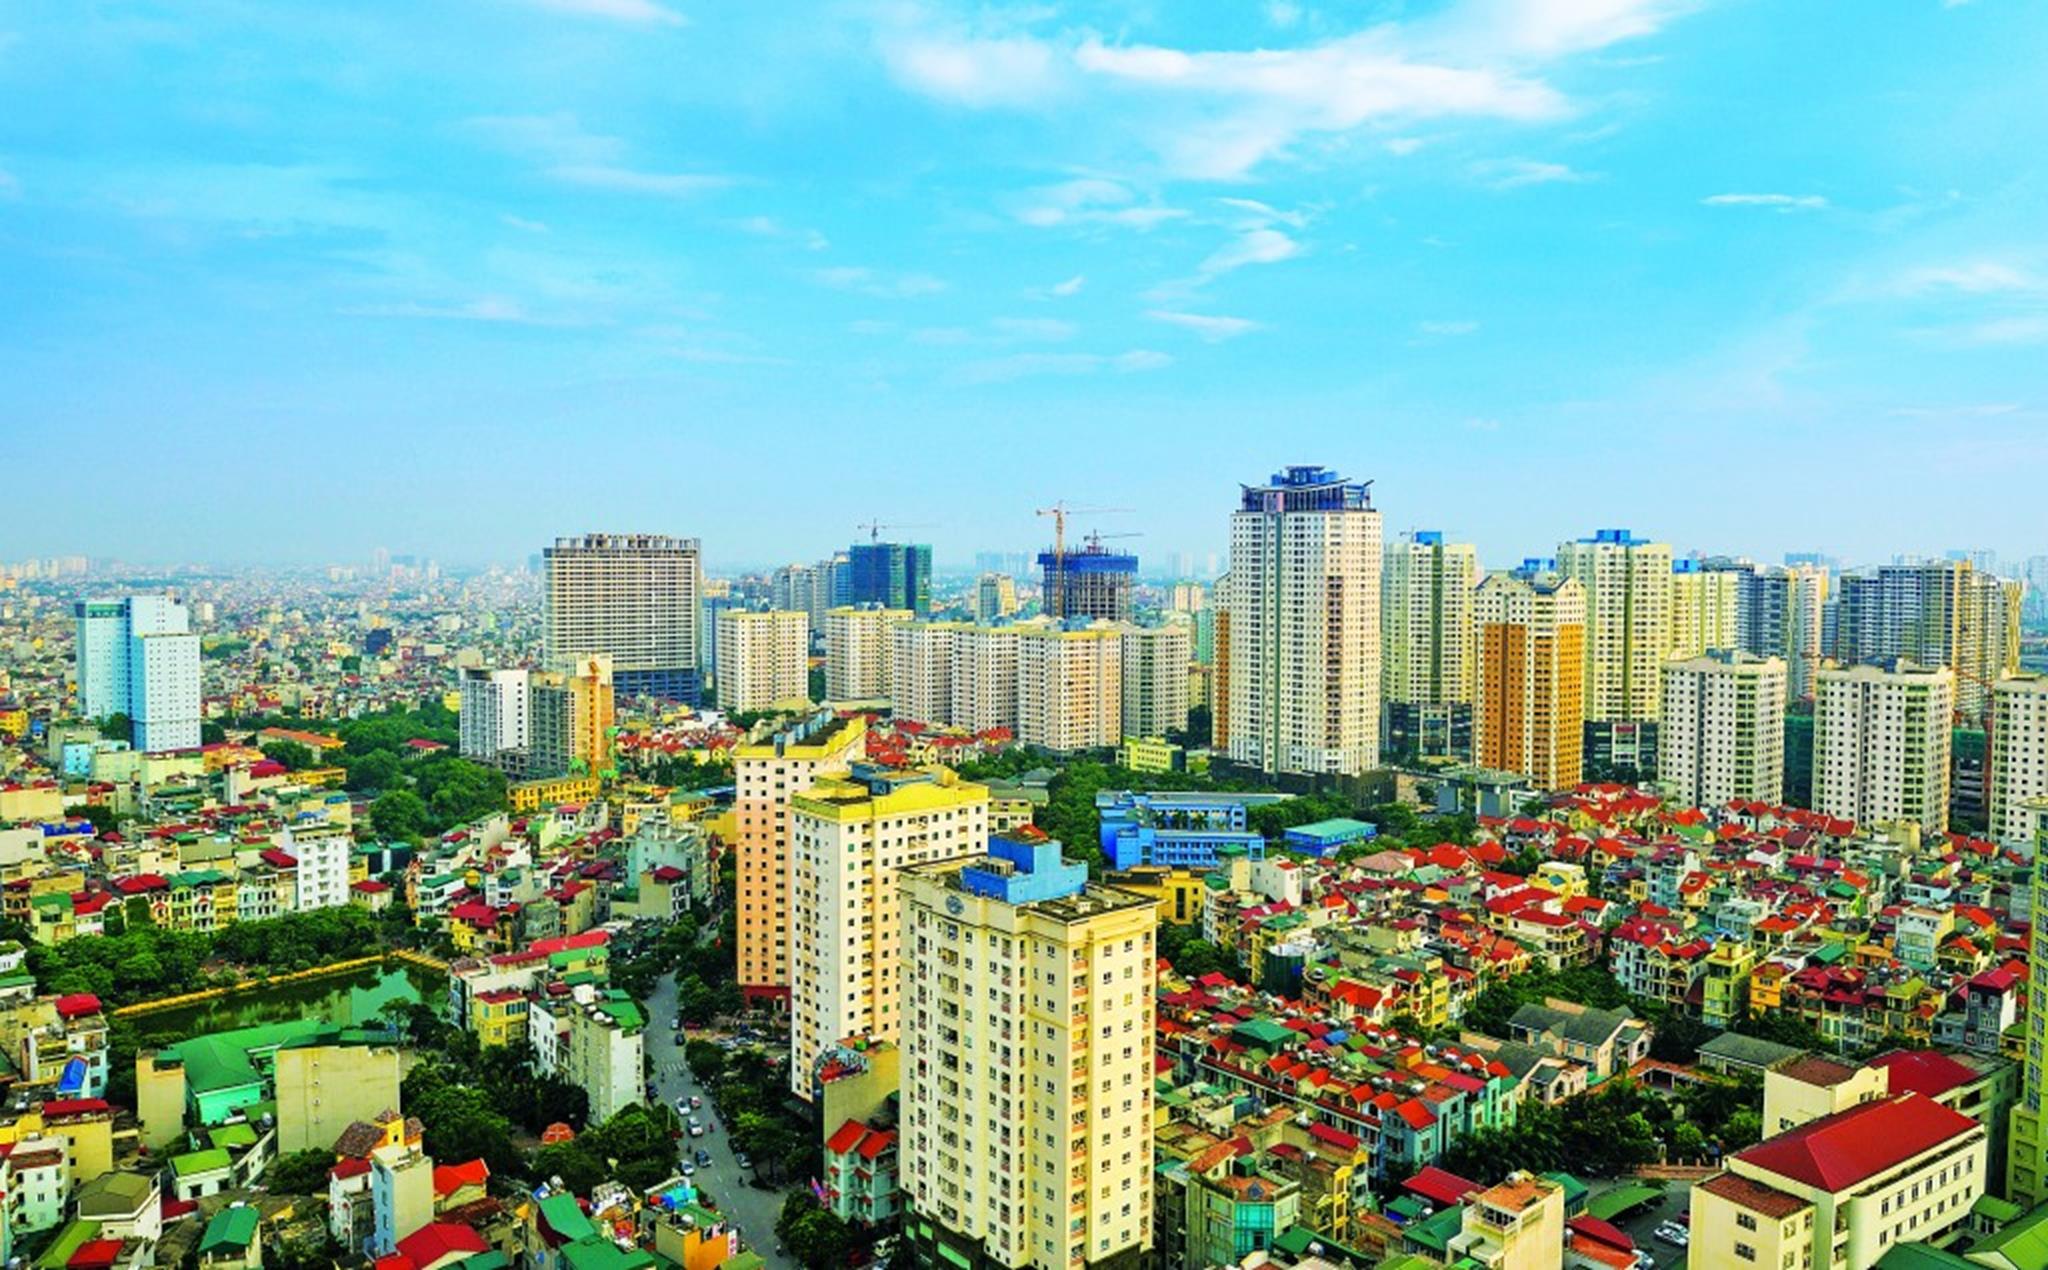 Nhận diện quản lý quy hoạch trong quản lý phát triển đô thị